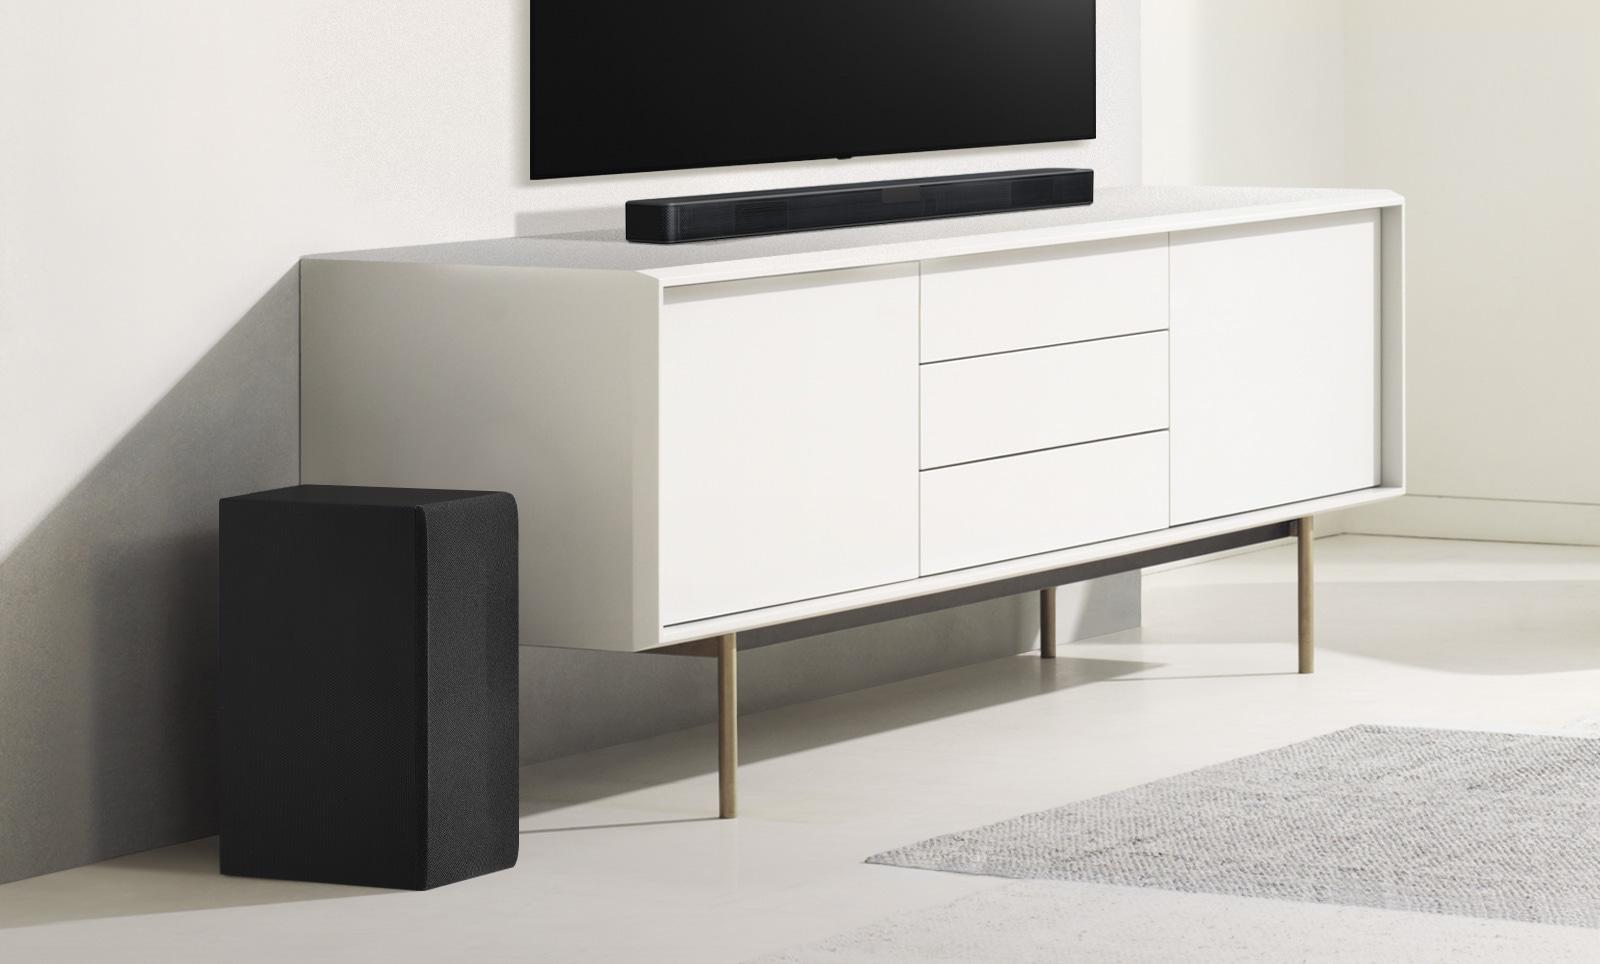 Zvučnik Sound Bar nalazi se na bijeloj polici, a njemu slijeva je niskofrekvencijski zvučnik. Niskofrekvencijski zvučnik doima se većim jer je postavljen više prema naprijed.